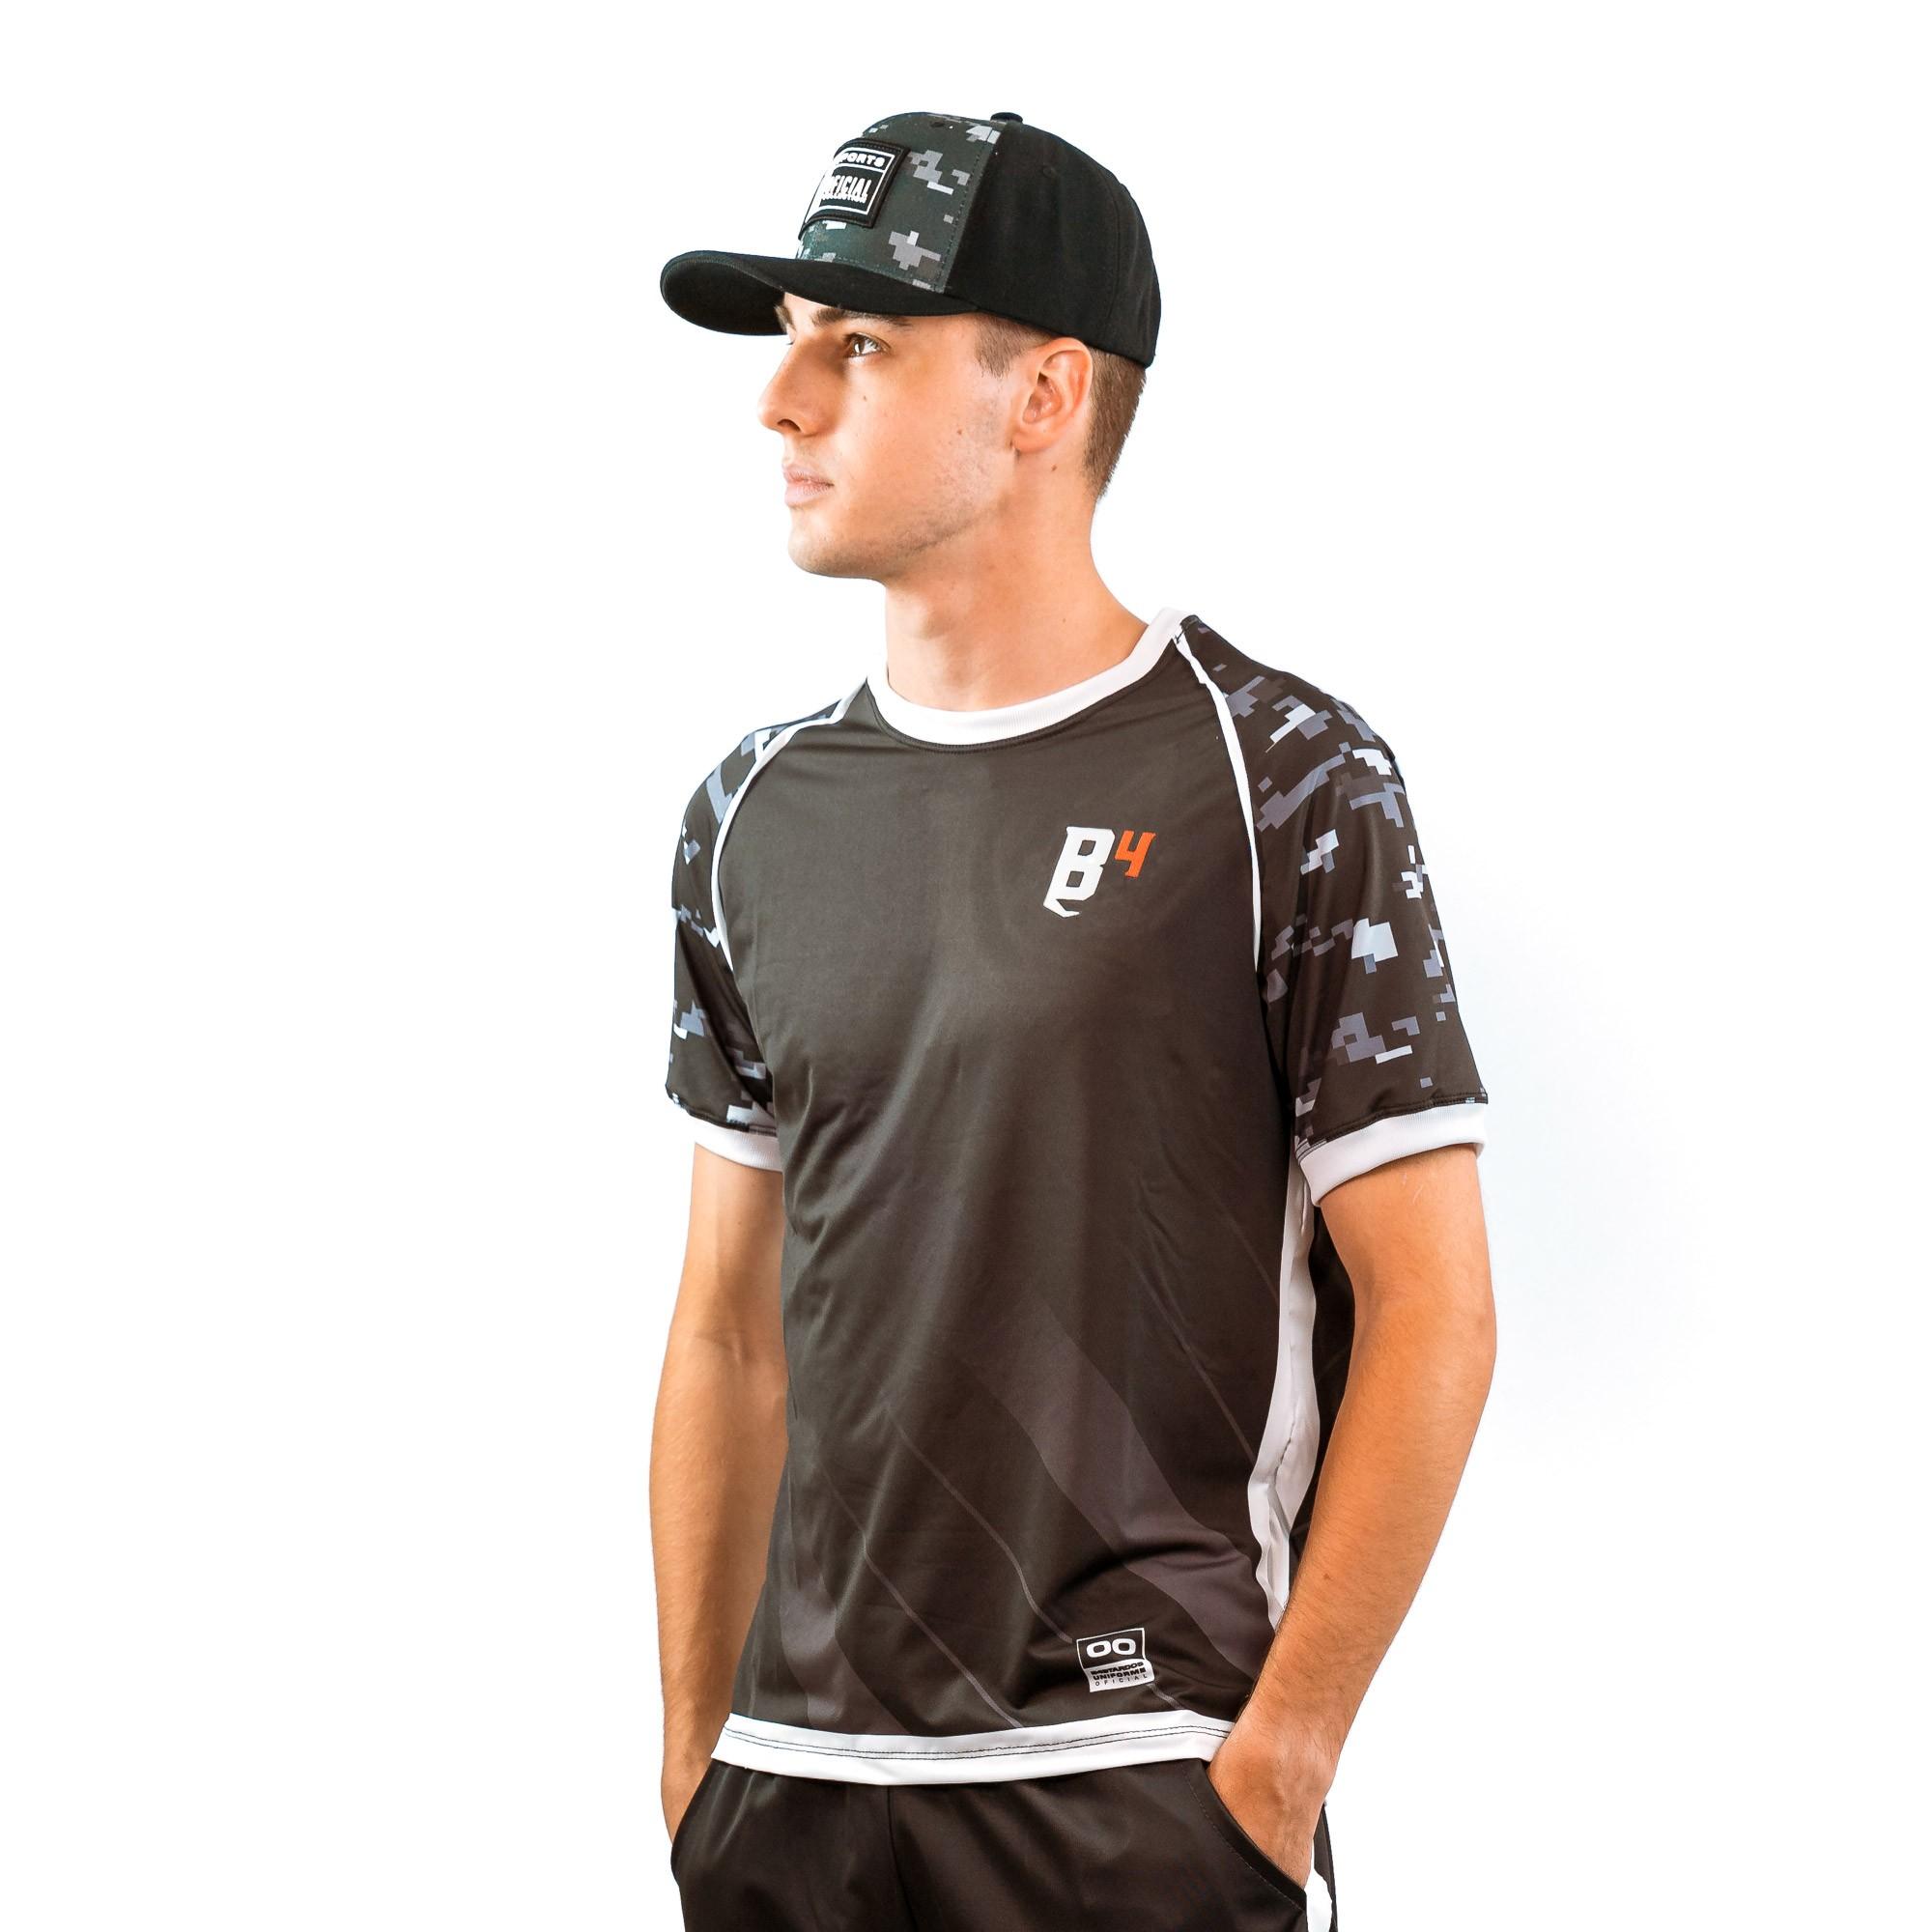 Camiseta Jersey B4stardos Esports Oficial